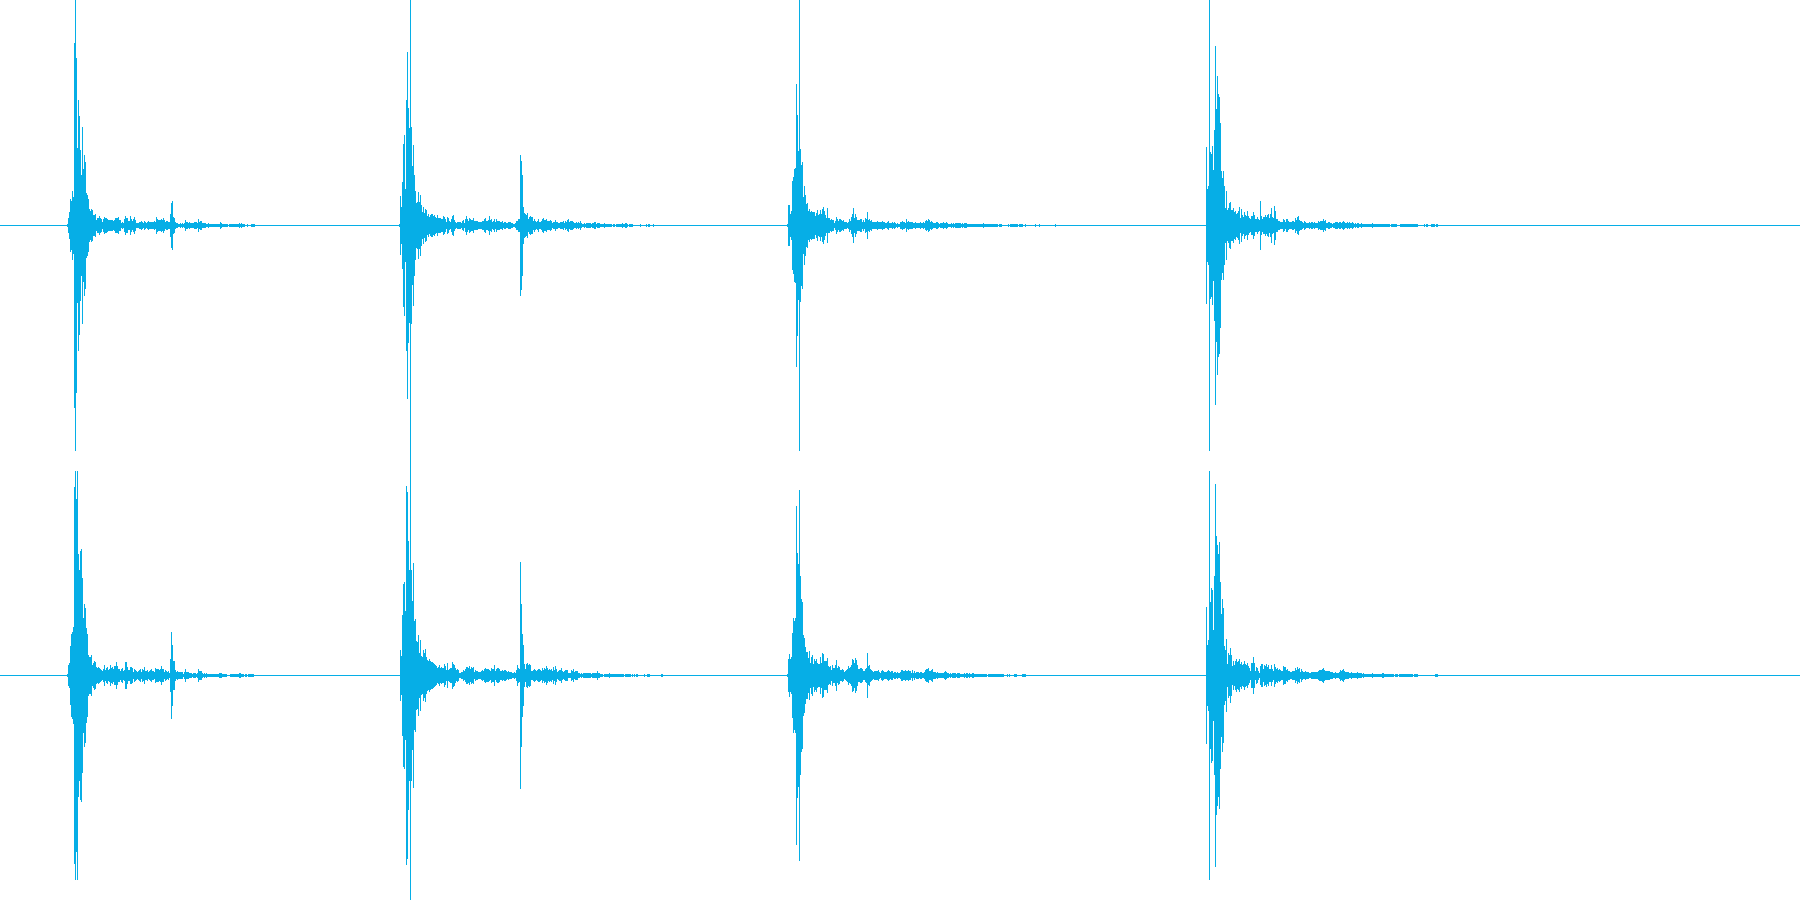 バスケットボールスラムダンク(4x...の再生済みの波形